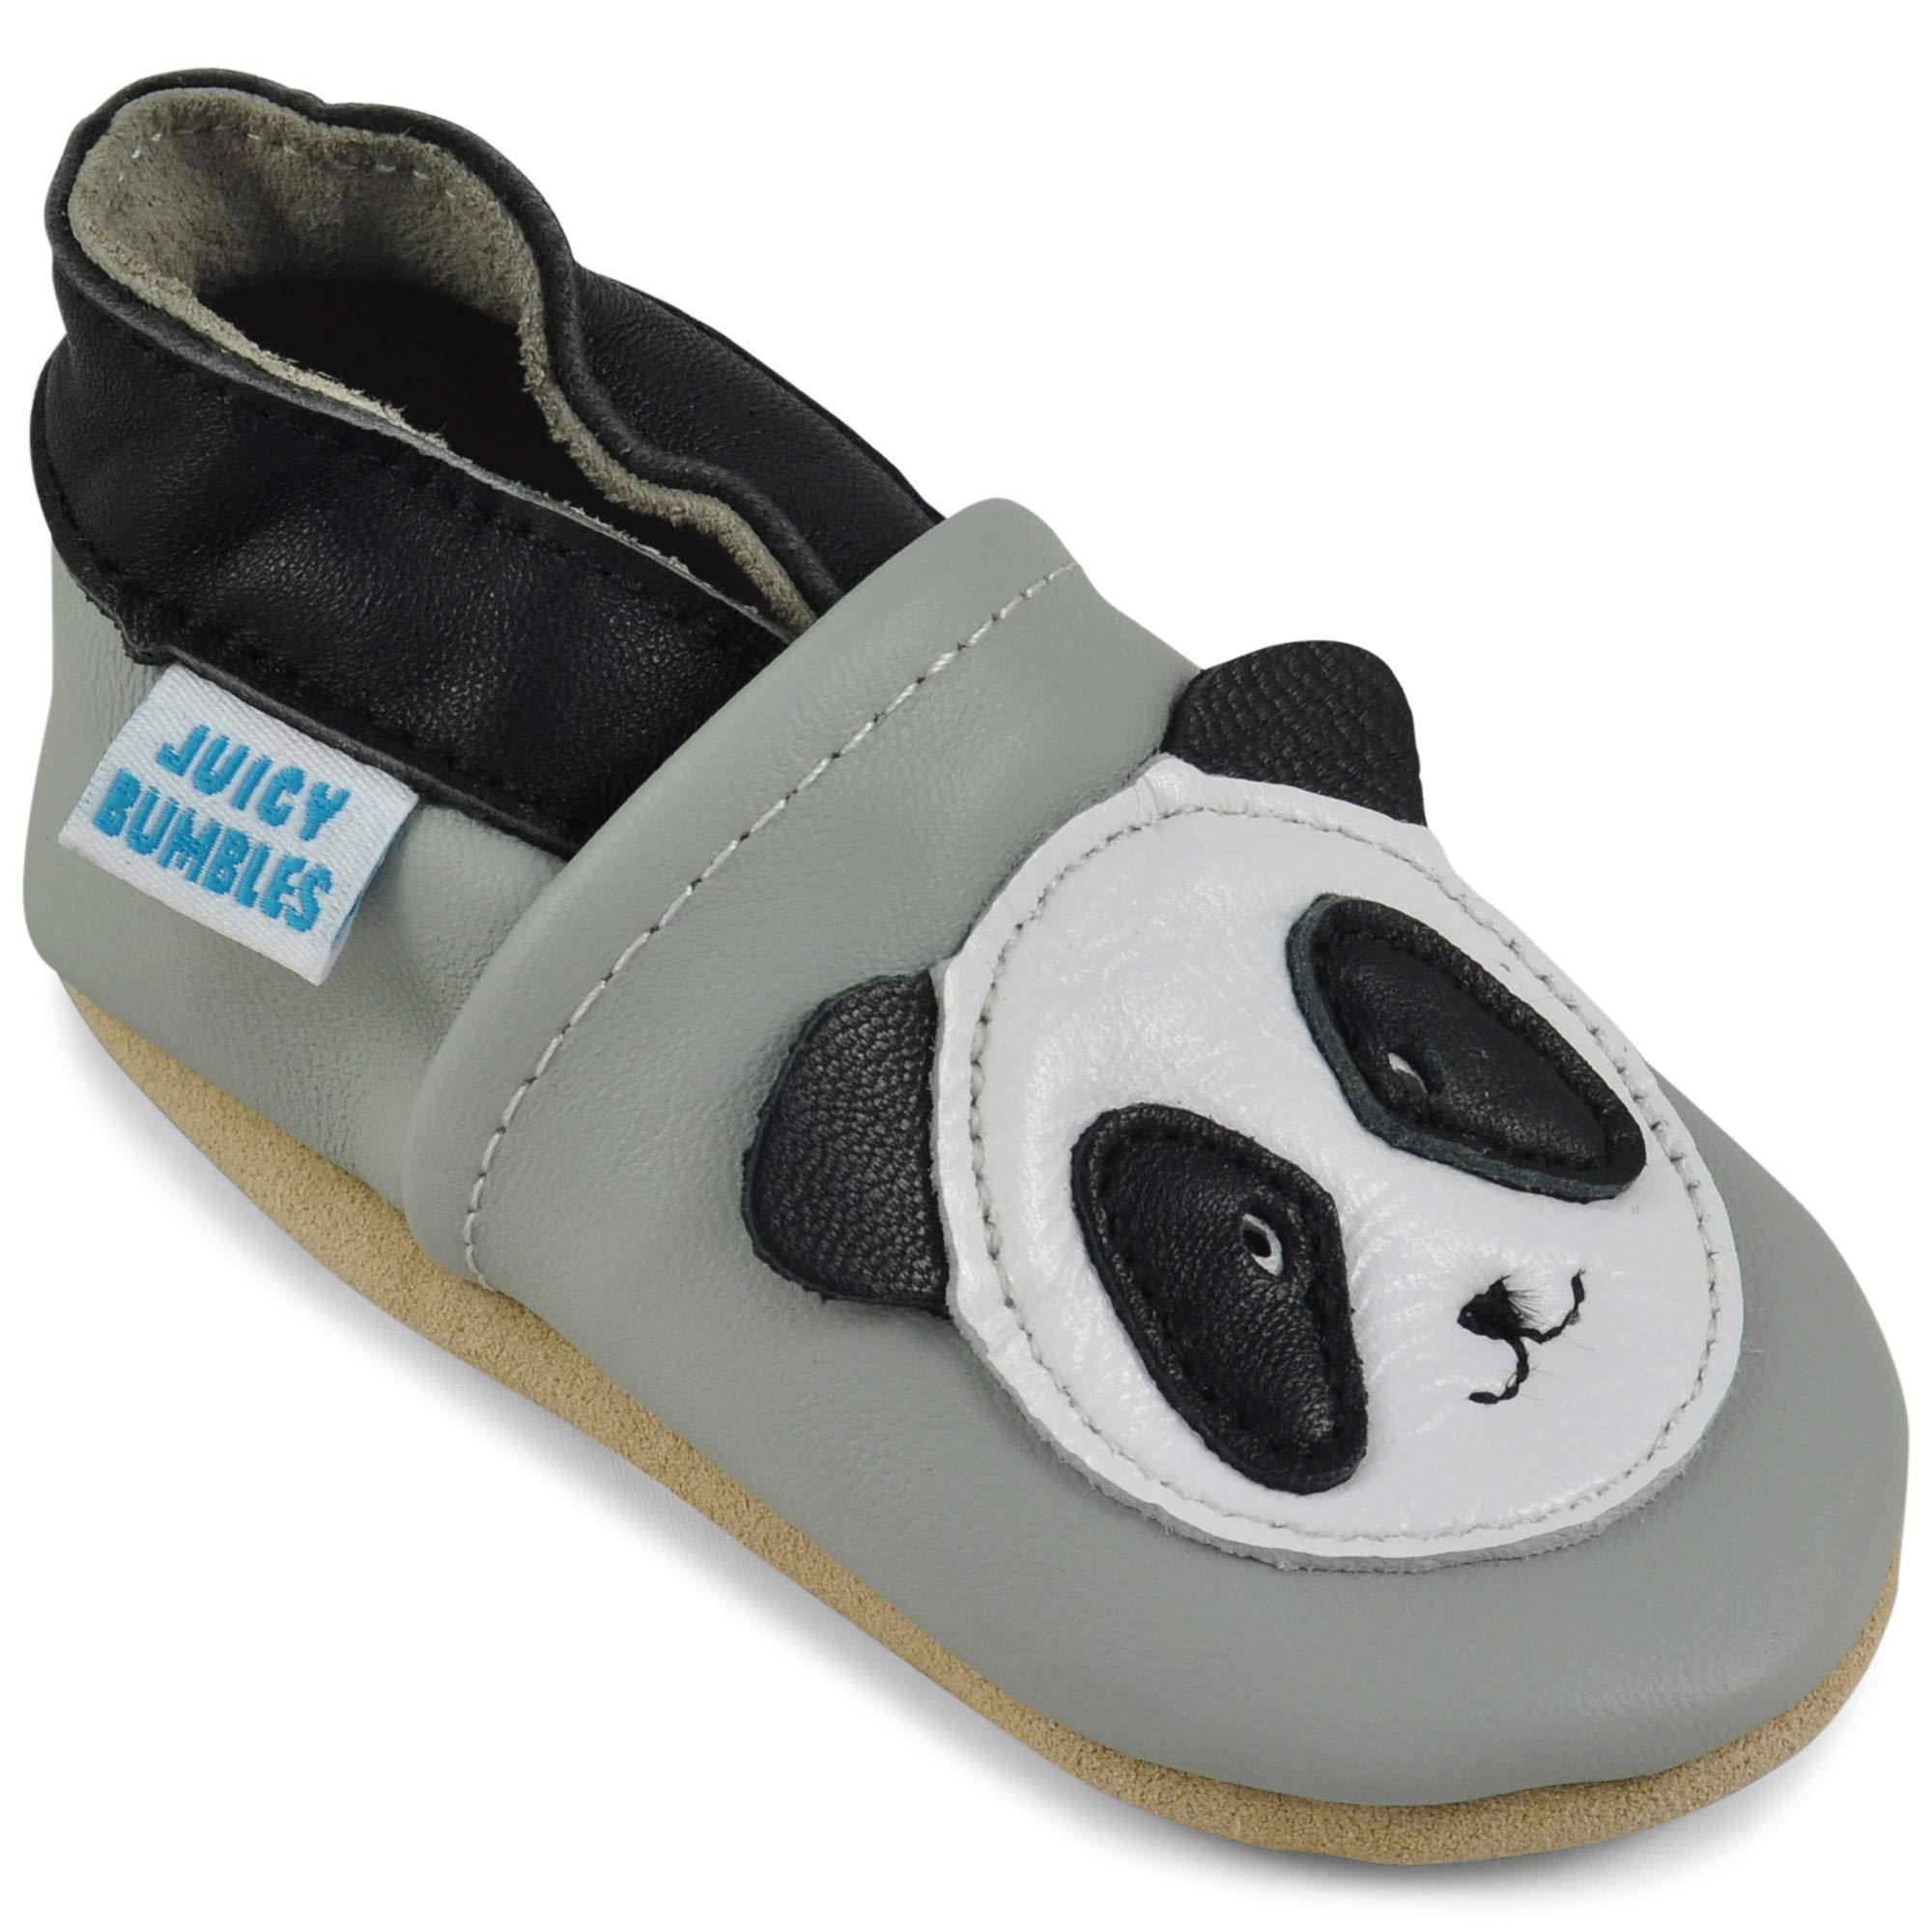 7b0ac984994c3 Juicy Bumbles Chaussures Bébé - Chaussons Bébé - Chaussons Cuir Souple -  Chaussures Cuir Souple Premiers